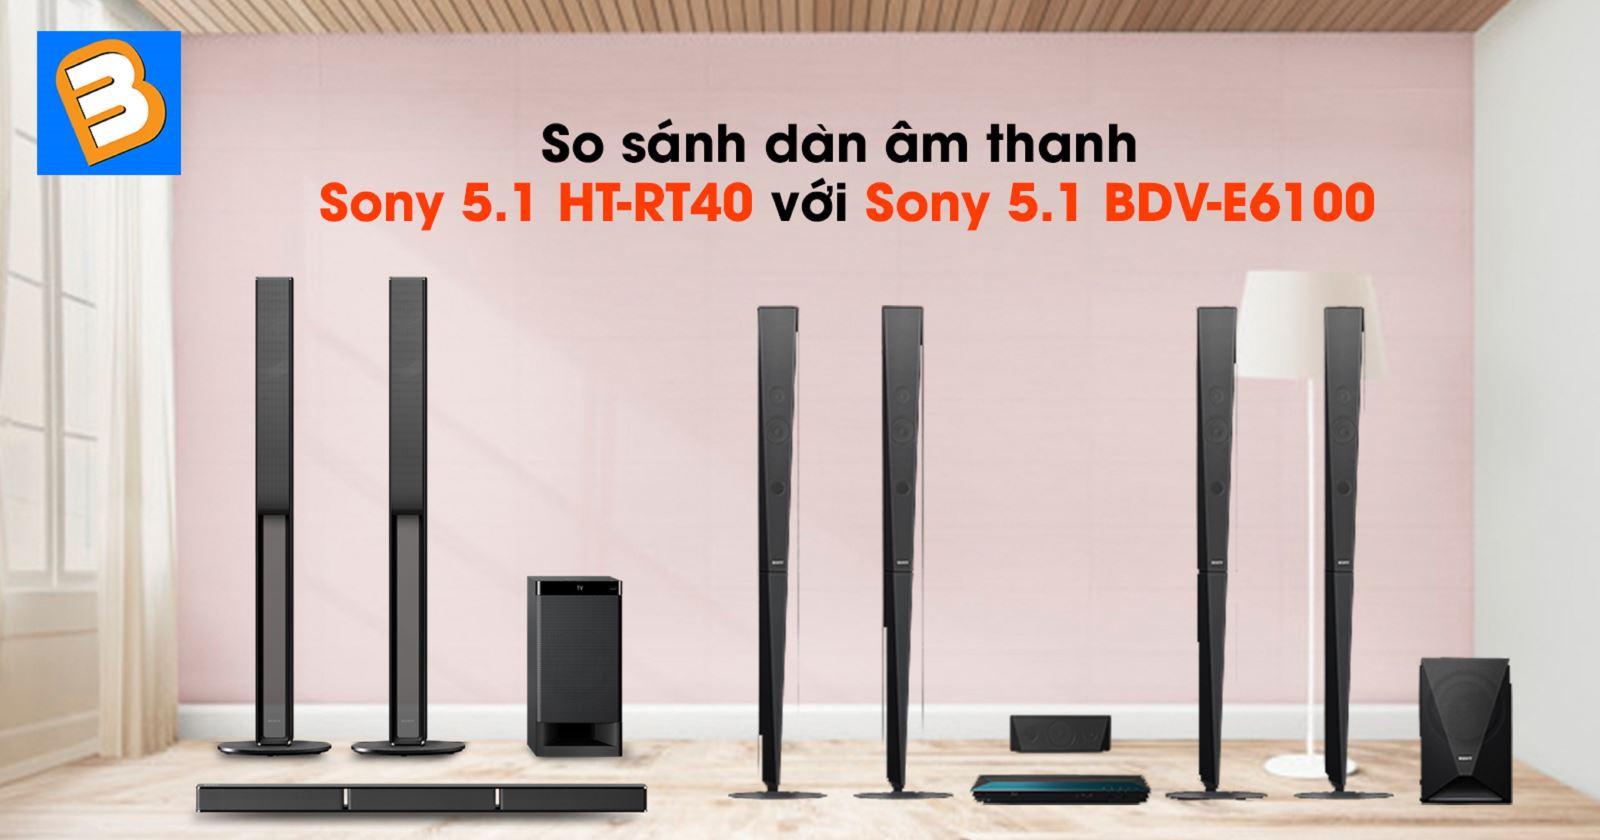 So sánh dàn âm thanh Sony 5.1 HT-RT40 với Sony 5.1 BDV-E6100